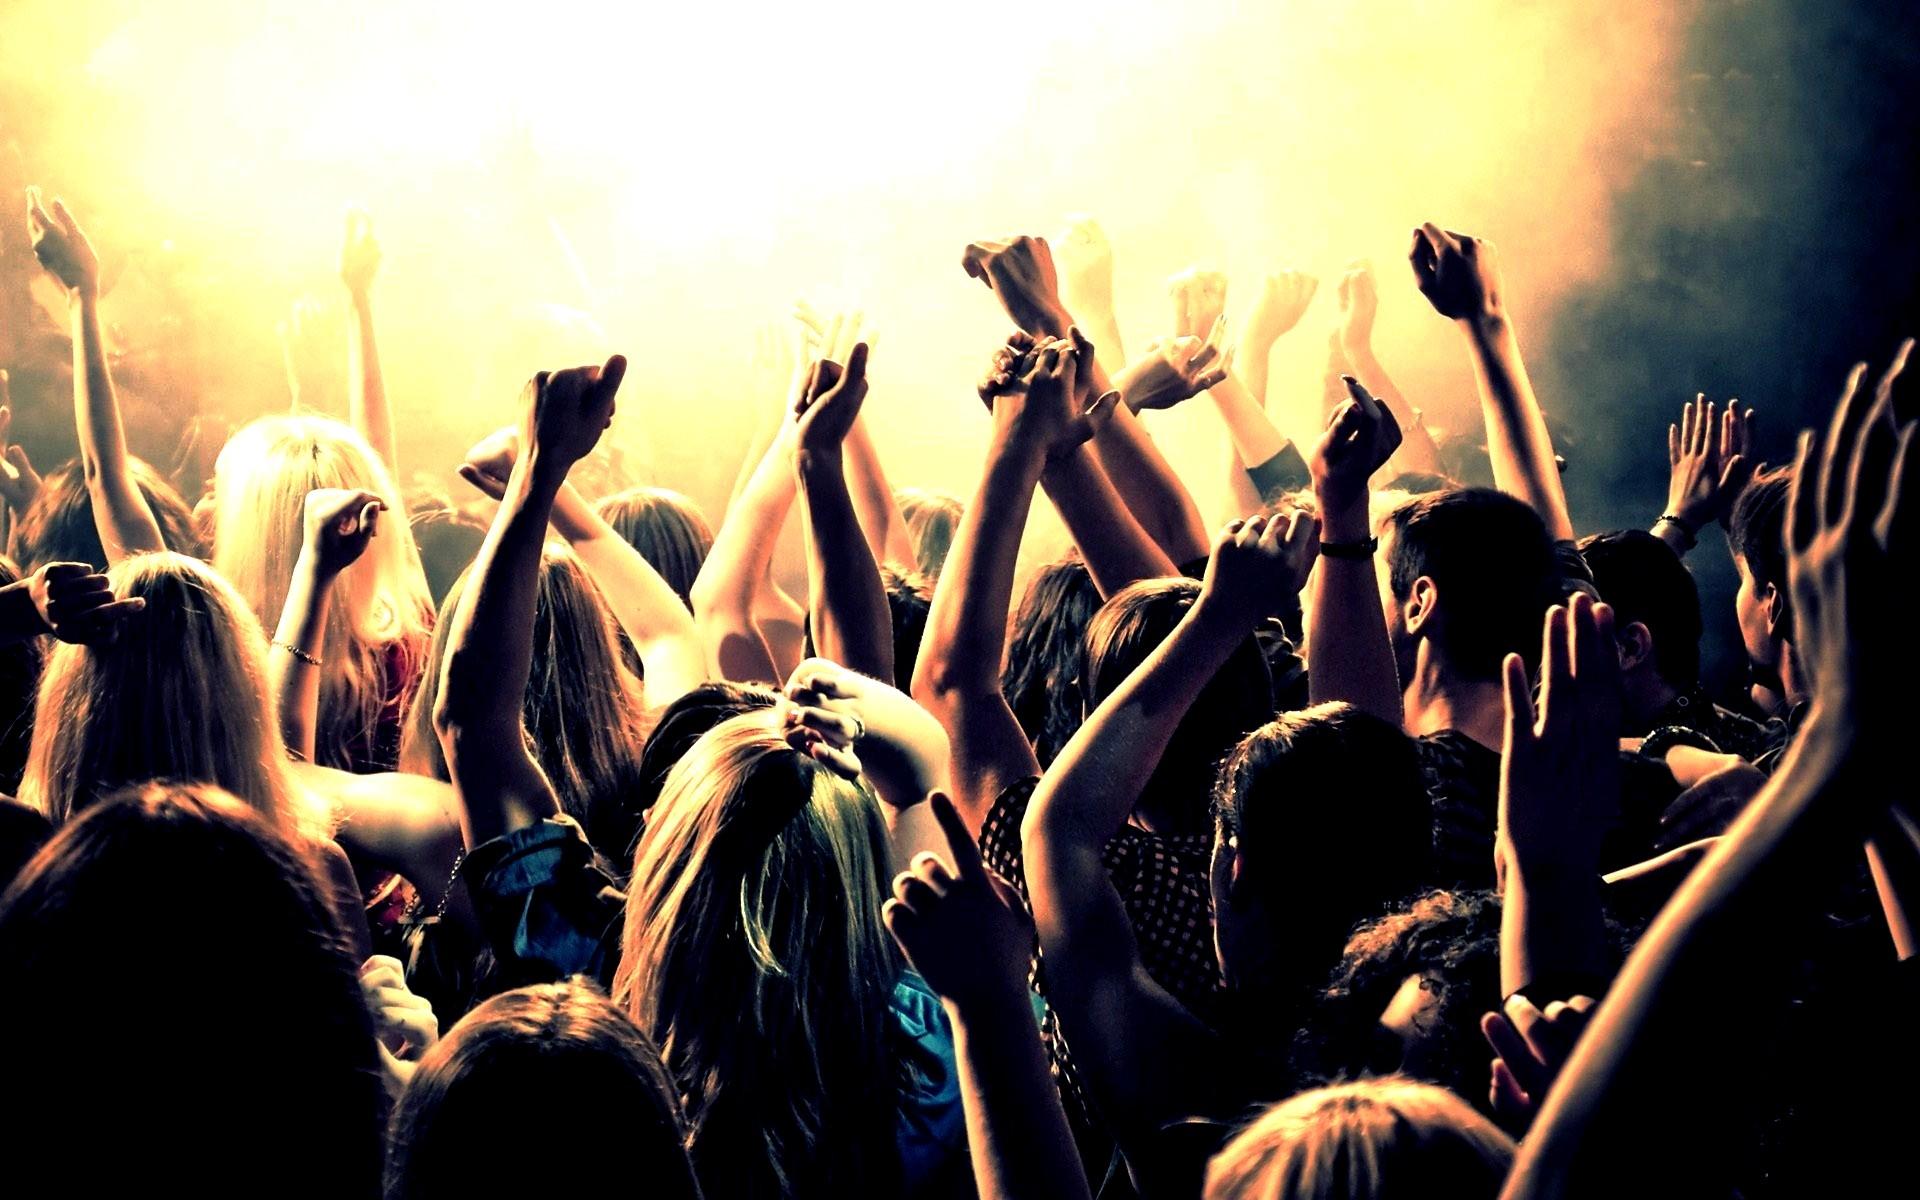 night club paris (4)